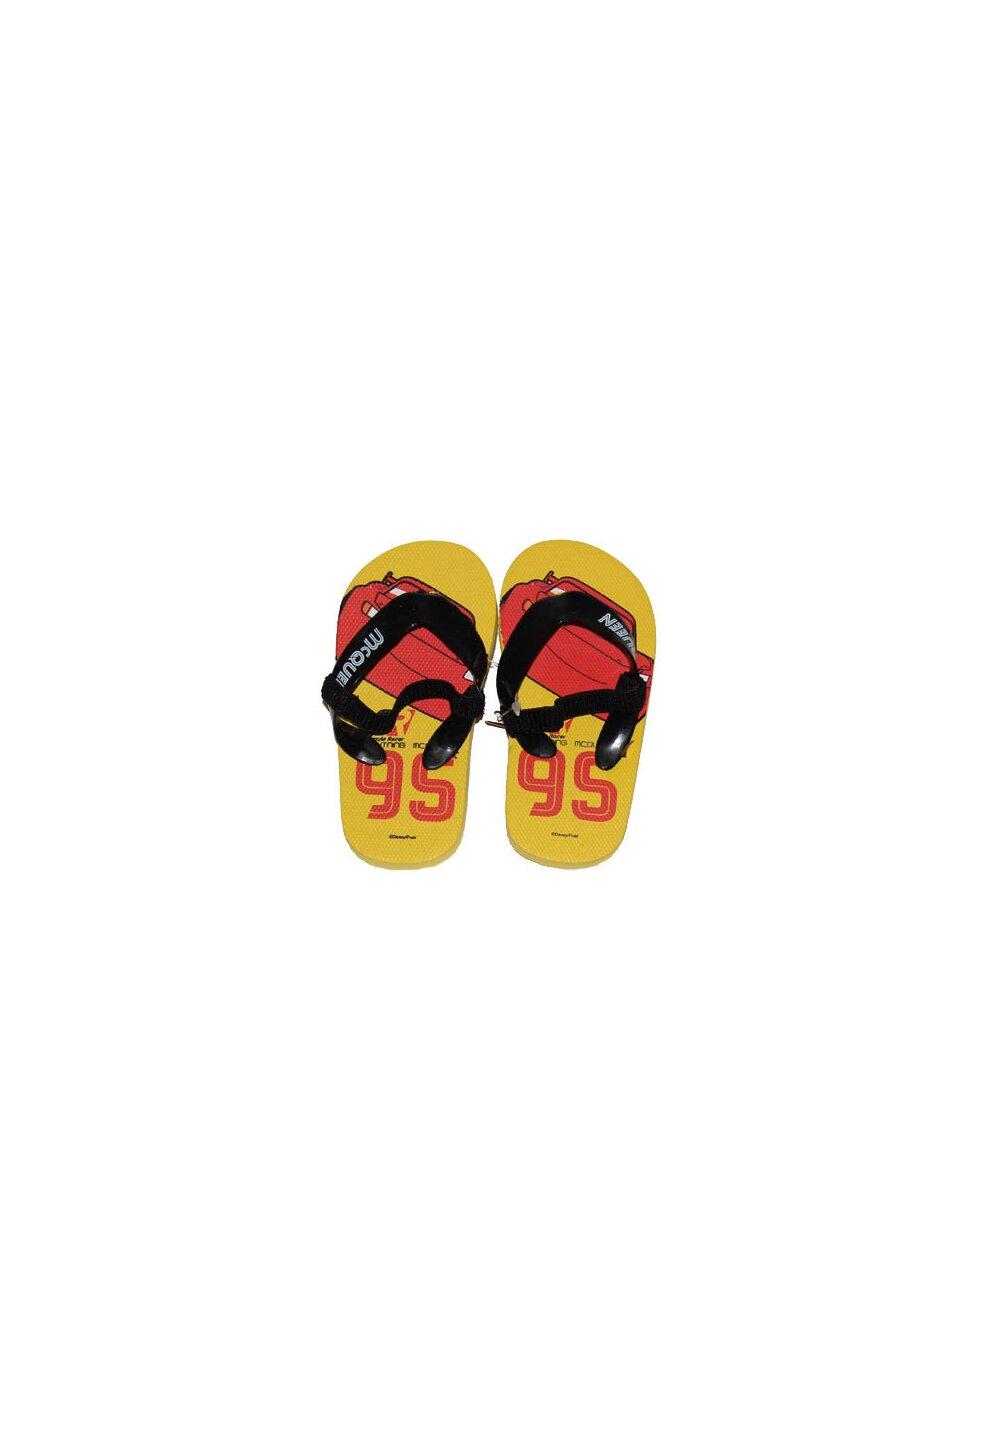 Papuci flip-flop, Fulger Mcqueen, galbeni imagine